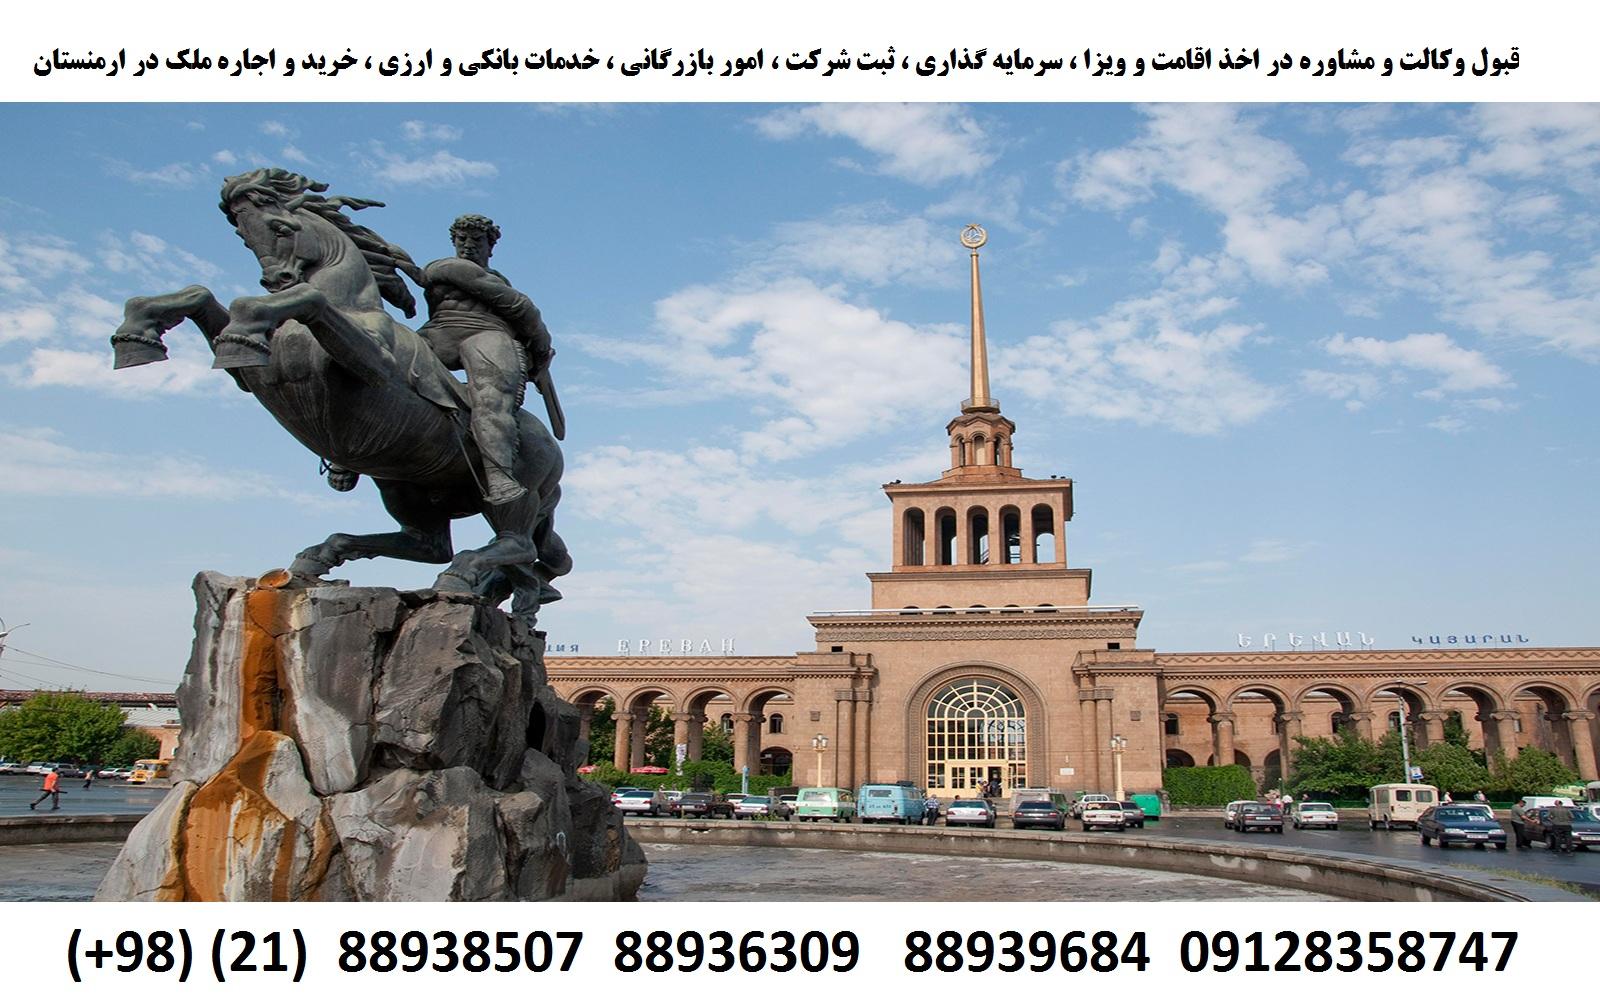 اقامت ، ویزا ، ثبت شرکت ، سرمایه گذاری در ارمنستان (5)